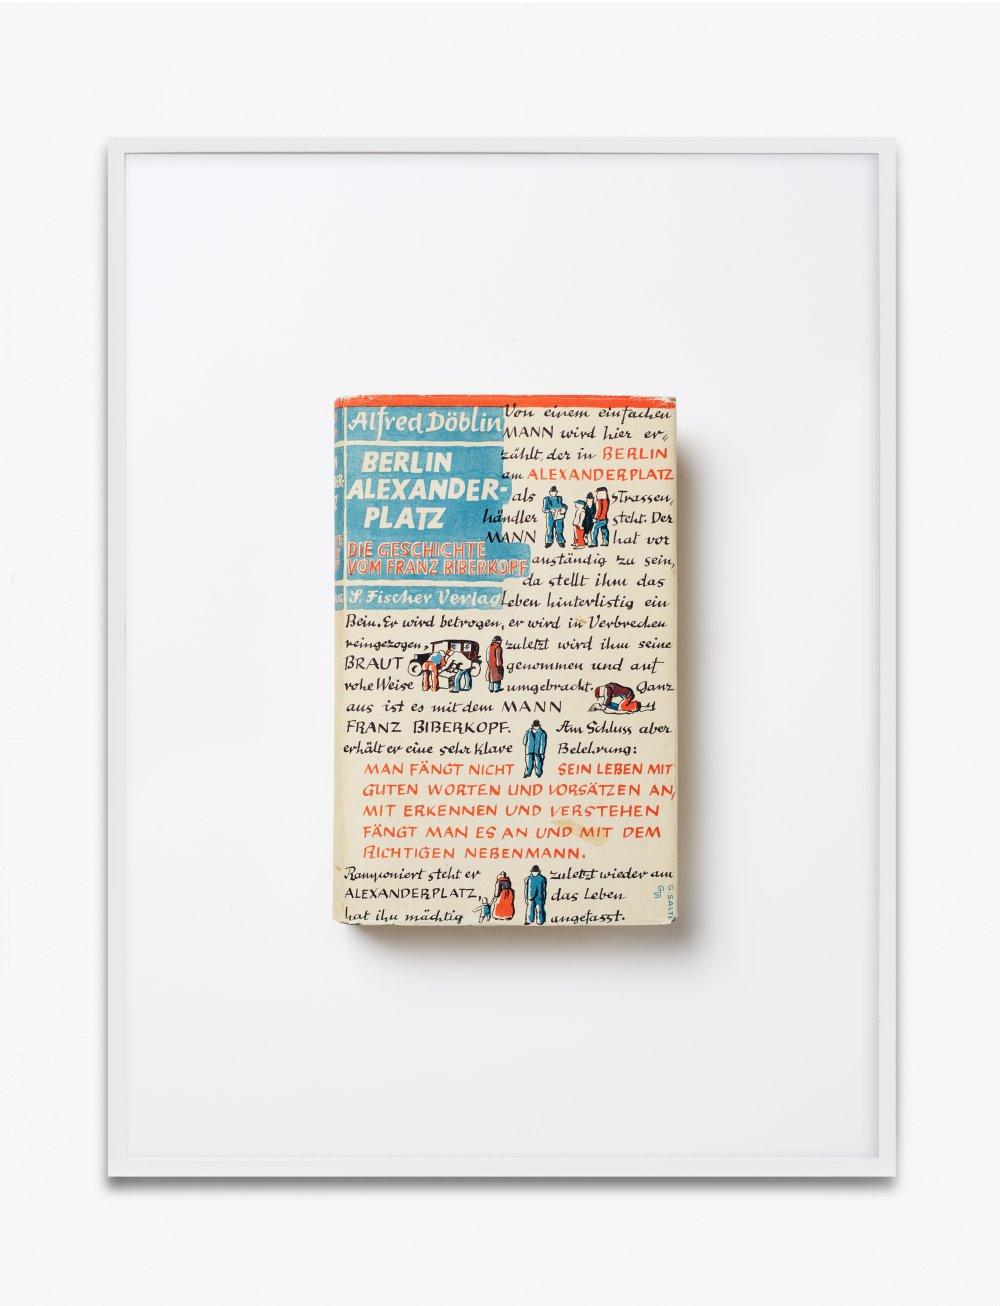 Alfred Döblin, Berlin Alexanderplatz. Die Geschichte vom Franz Biberkopf, 1931, S. Fischer Verlag, Berlin, Einbandgestaltung Georg Salter